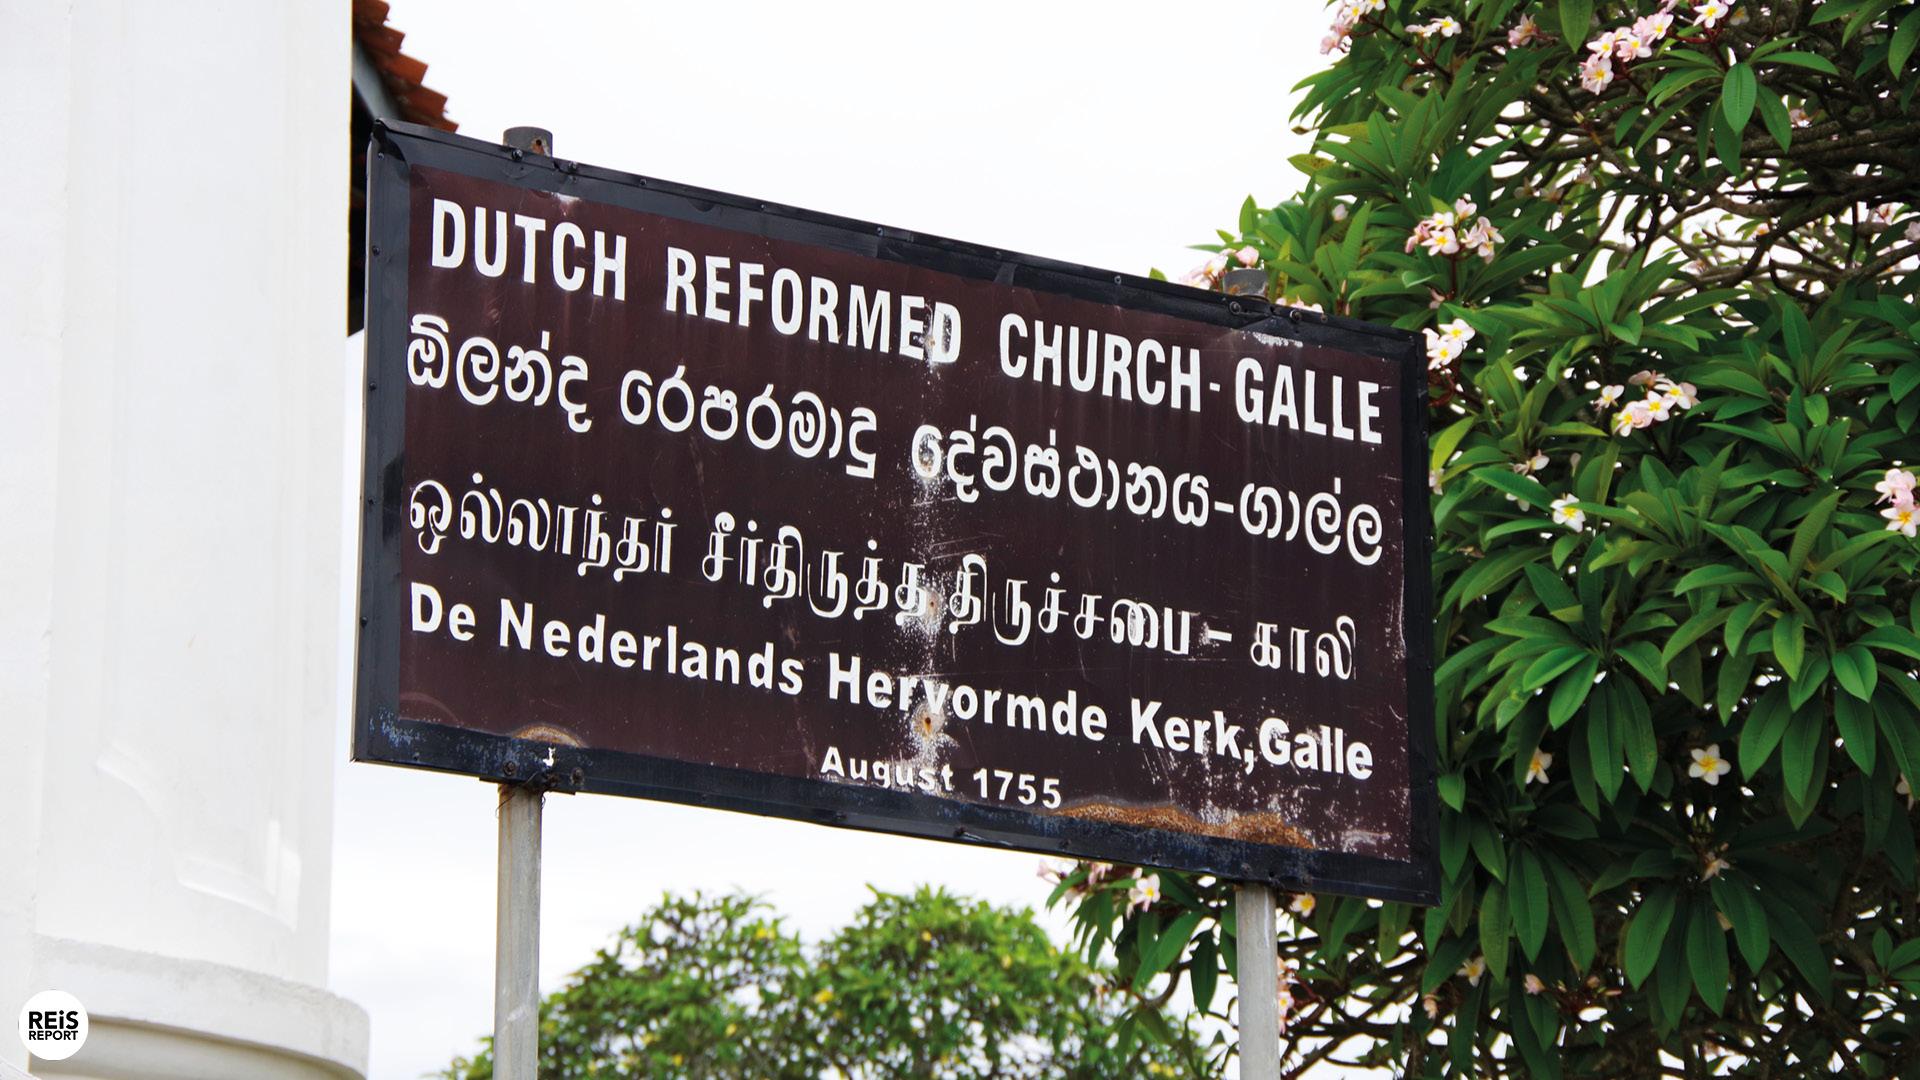 hollandse kerk galle